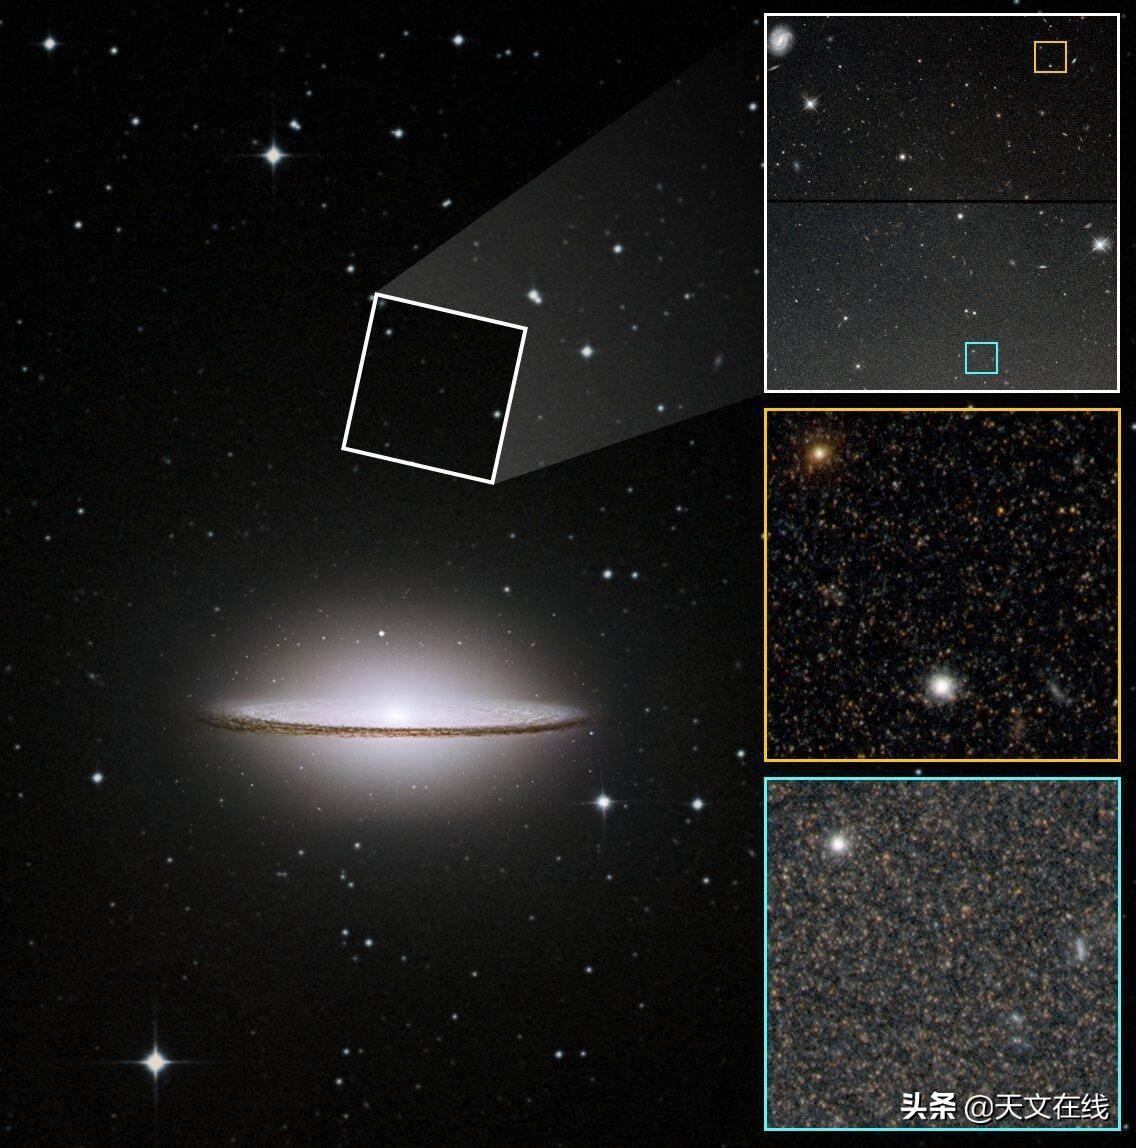 """比太阳重10倍的黑洞,形成了一顶发光的""""墨西哥大草帽"""""""